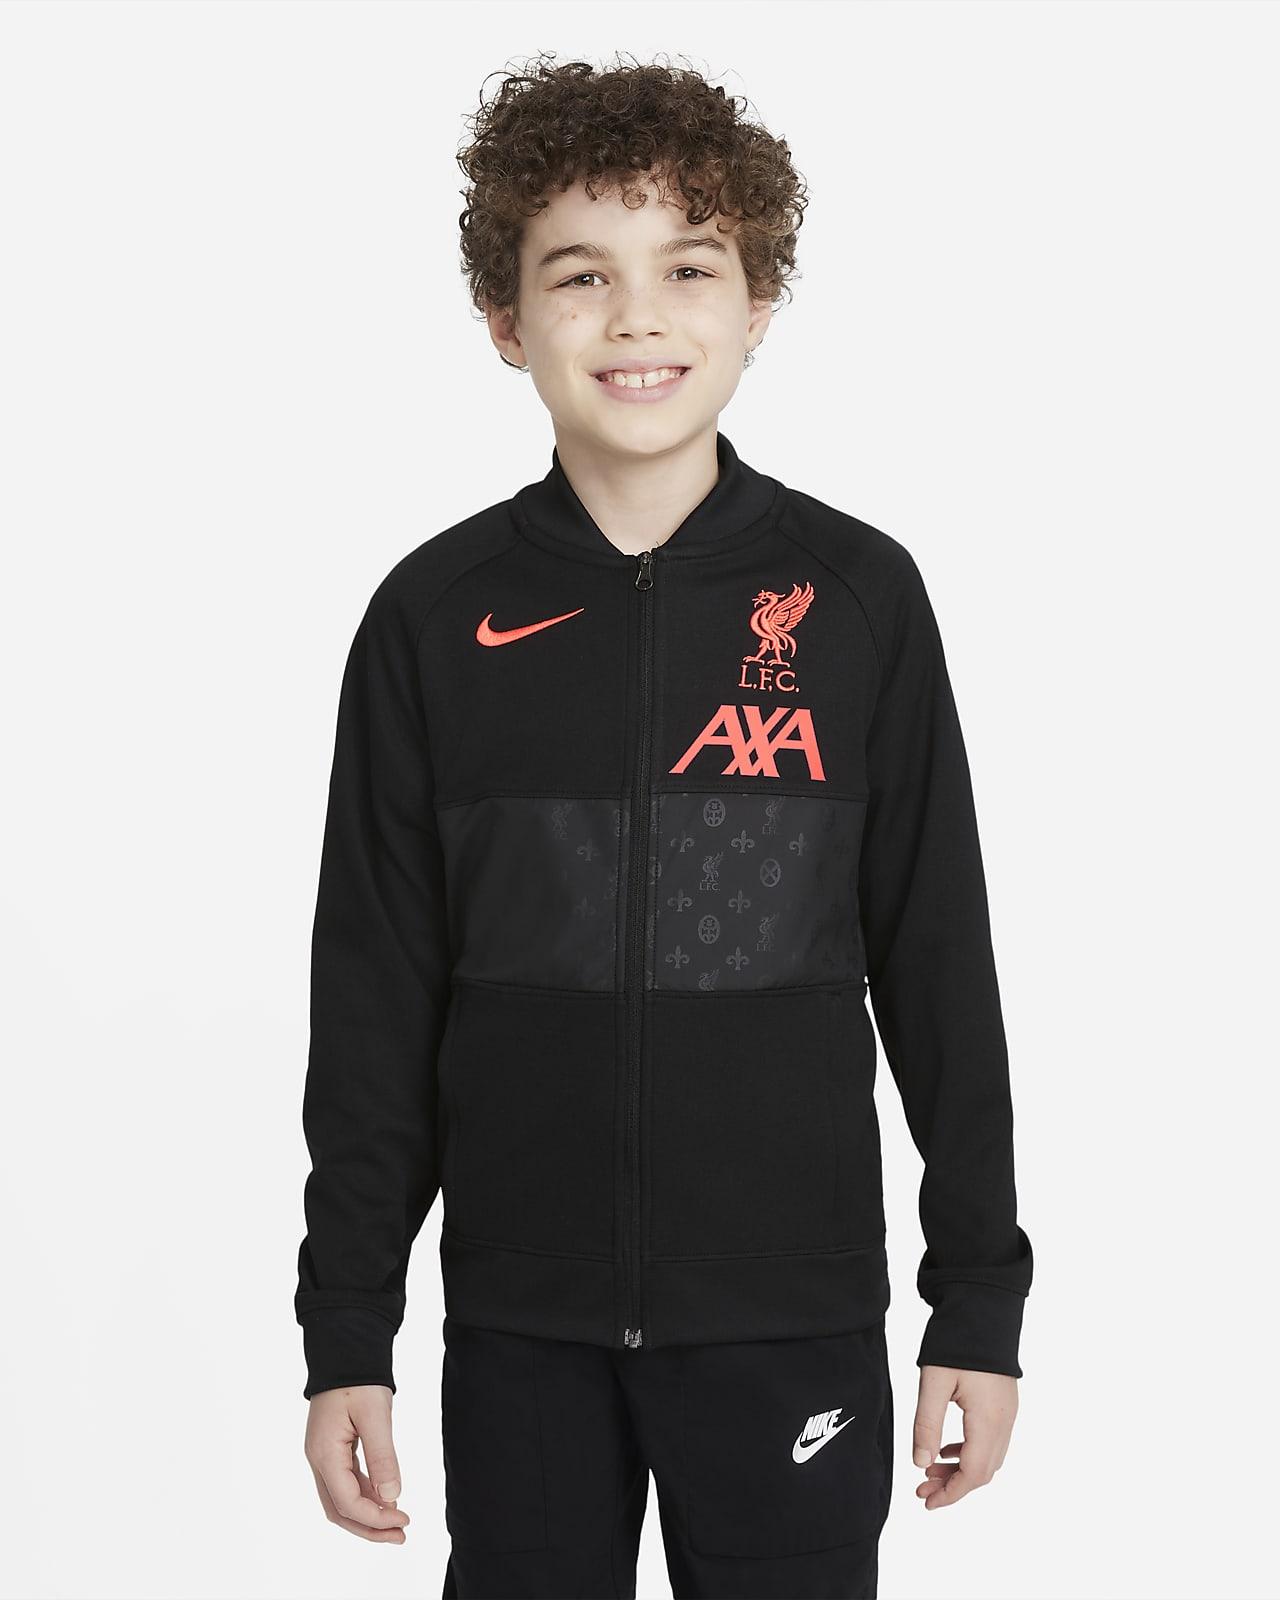 利物浦大童全长拉链开襟足球夹克